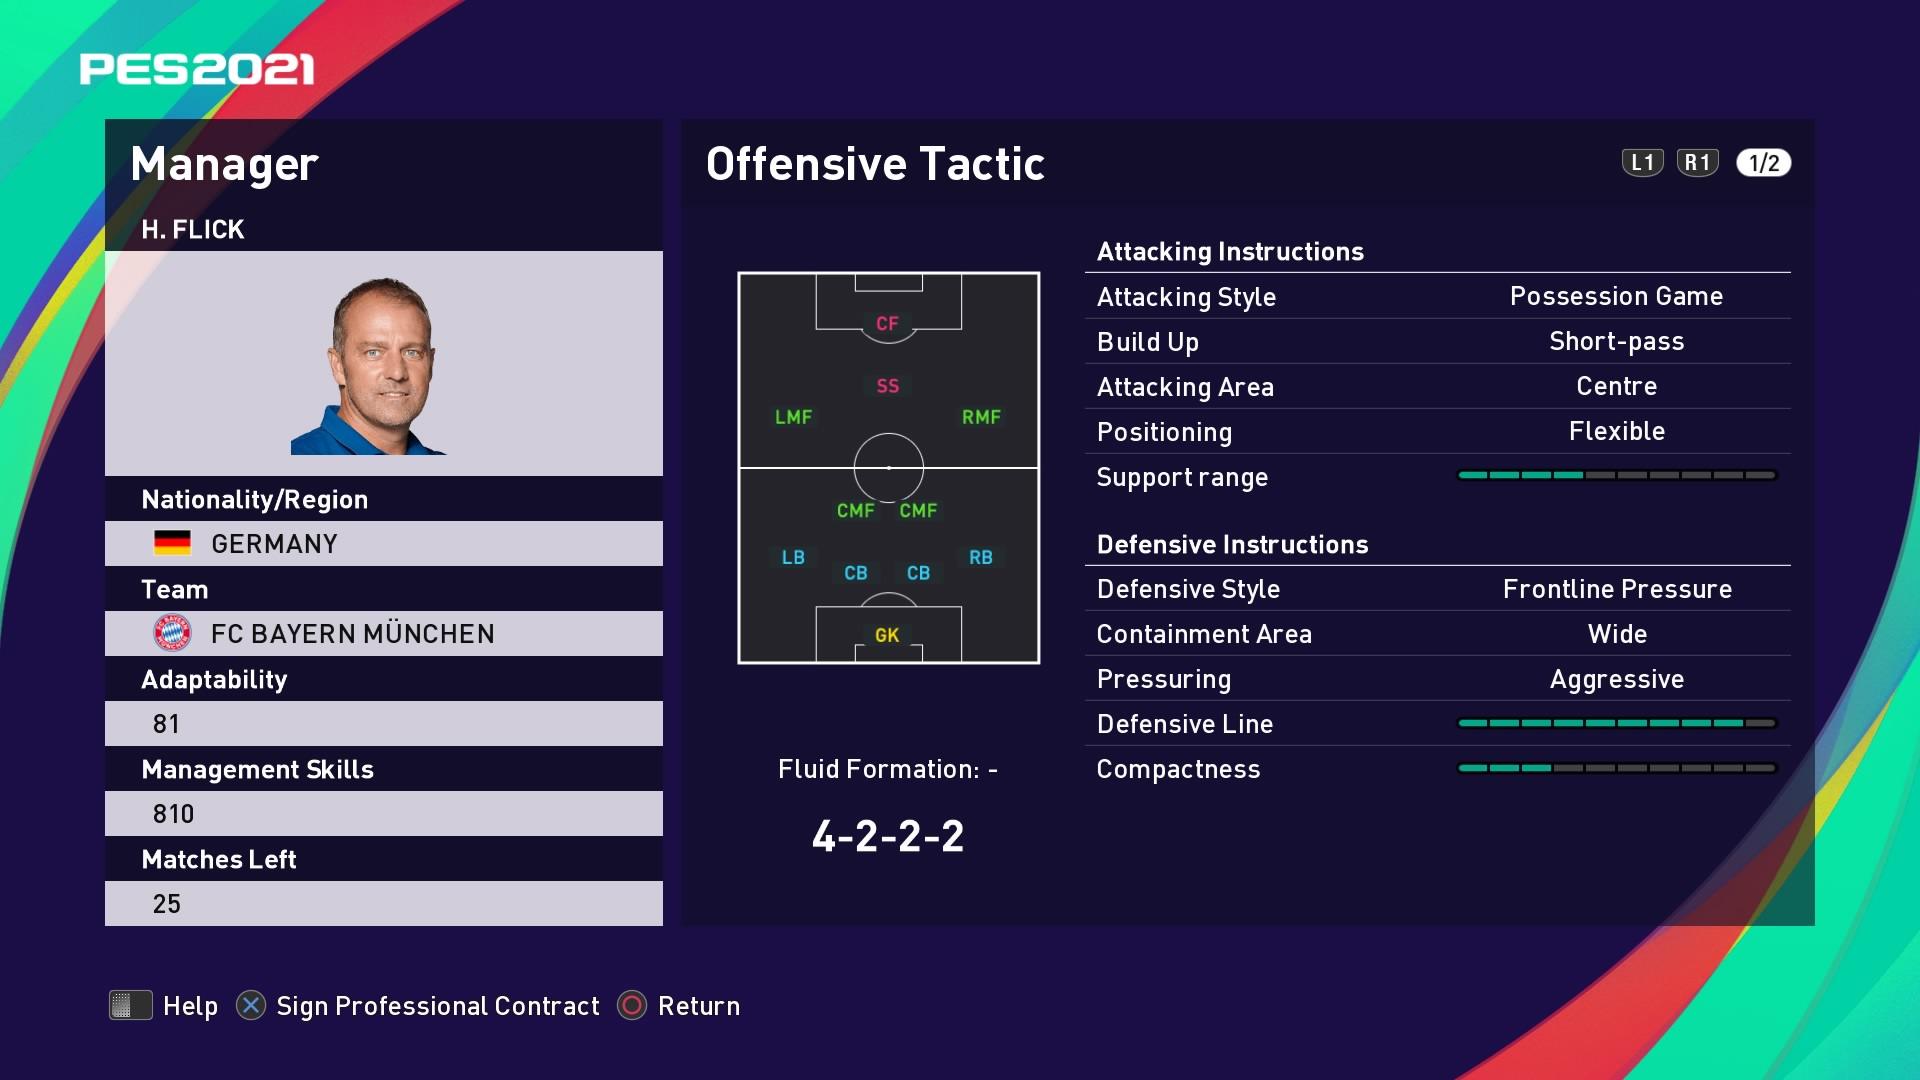 H. Flick (Hans-Dieter Flick) Offensive Tactic in PES 2021 myClub